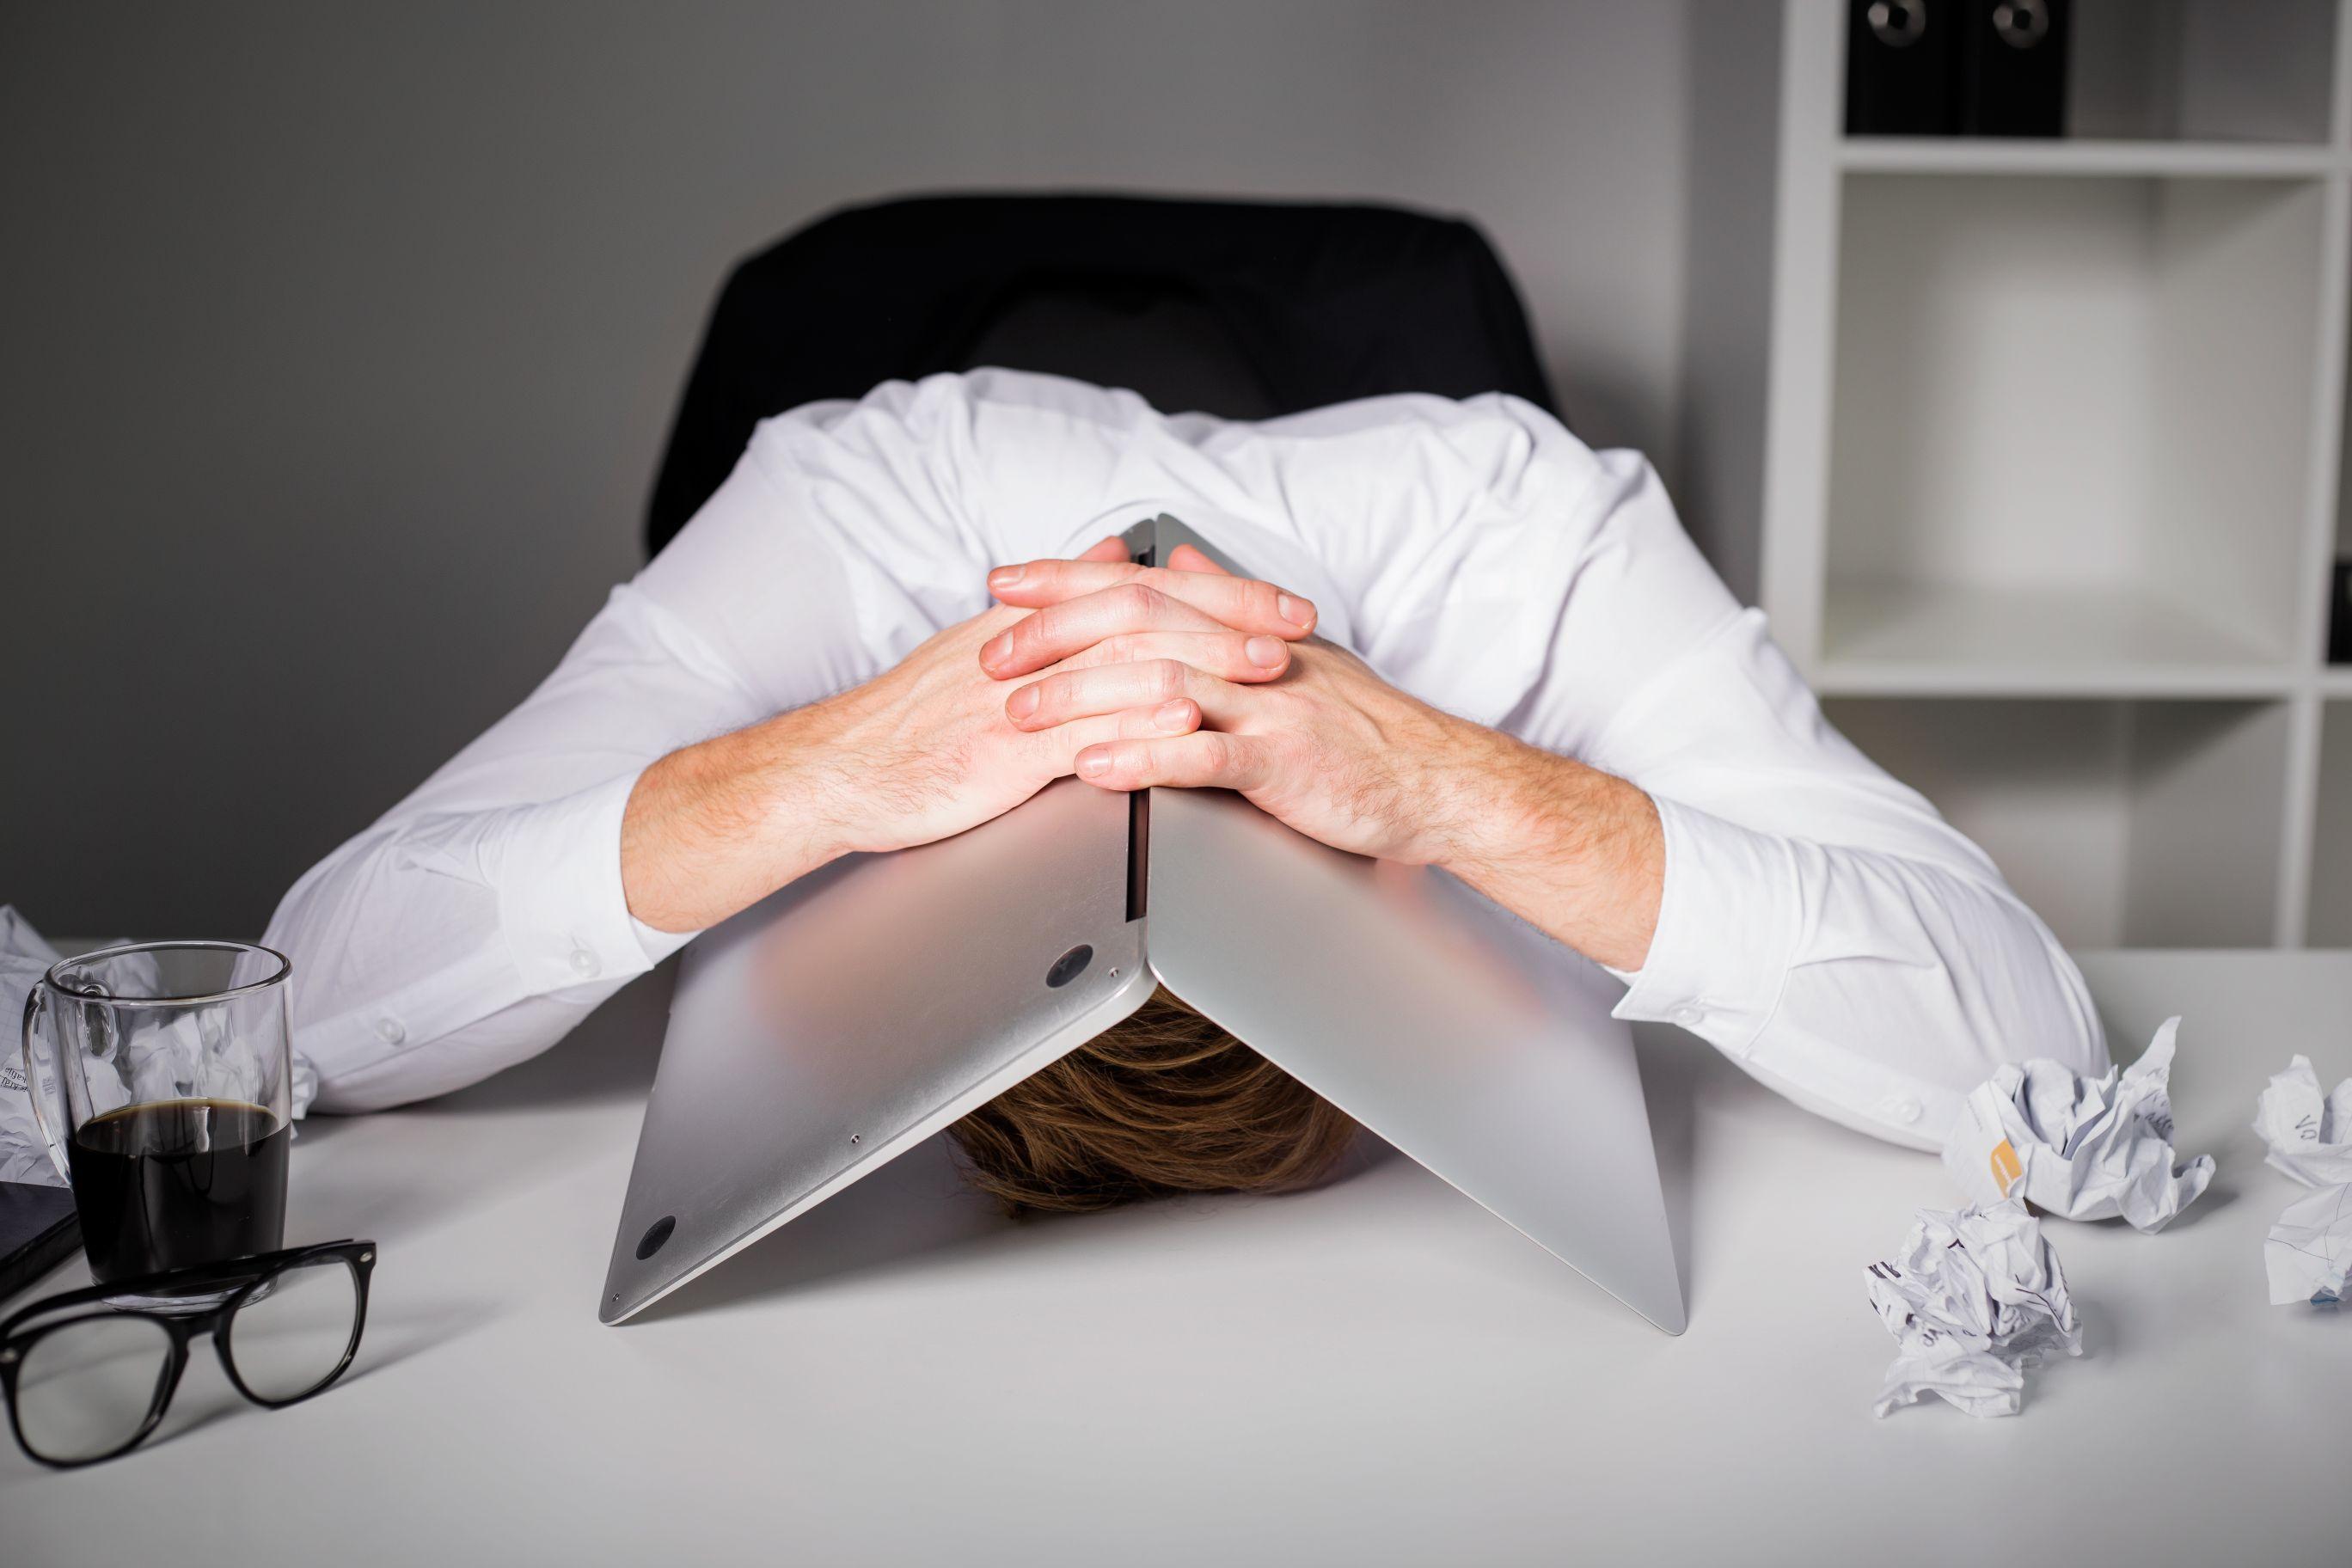 Kosten werkstress voor werkgevers onverminderd hoog - LVSC